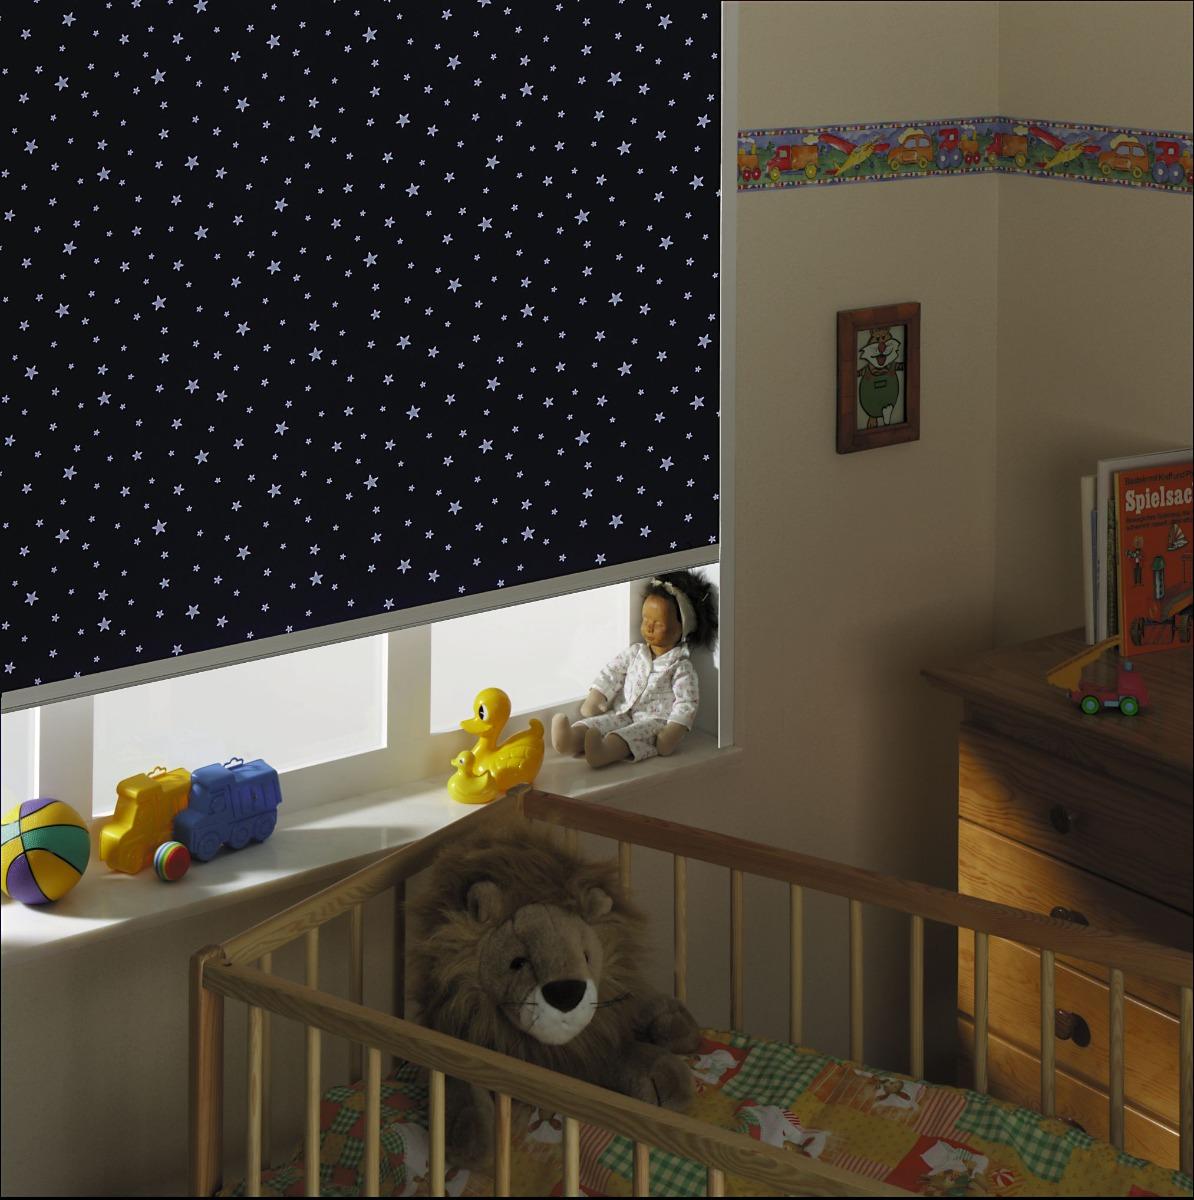 Full Size of Rollo Kinderzimmer Ikea Klemmfix Verdunkelung Rollos Dunkel Rosa Eule Raumimpressionen Dekofactory Fenster Innen Regal Raffrollo Küche Wohnzimmer Velux Kinderzimmer Rollo Kinderzimmer